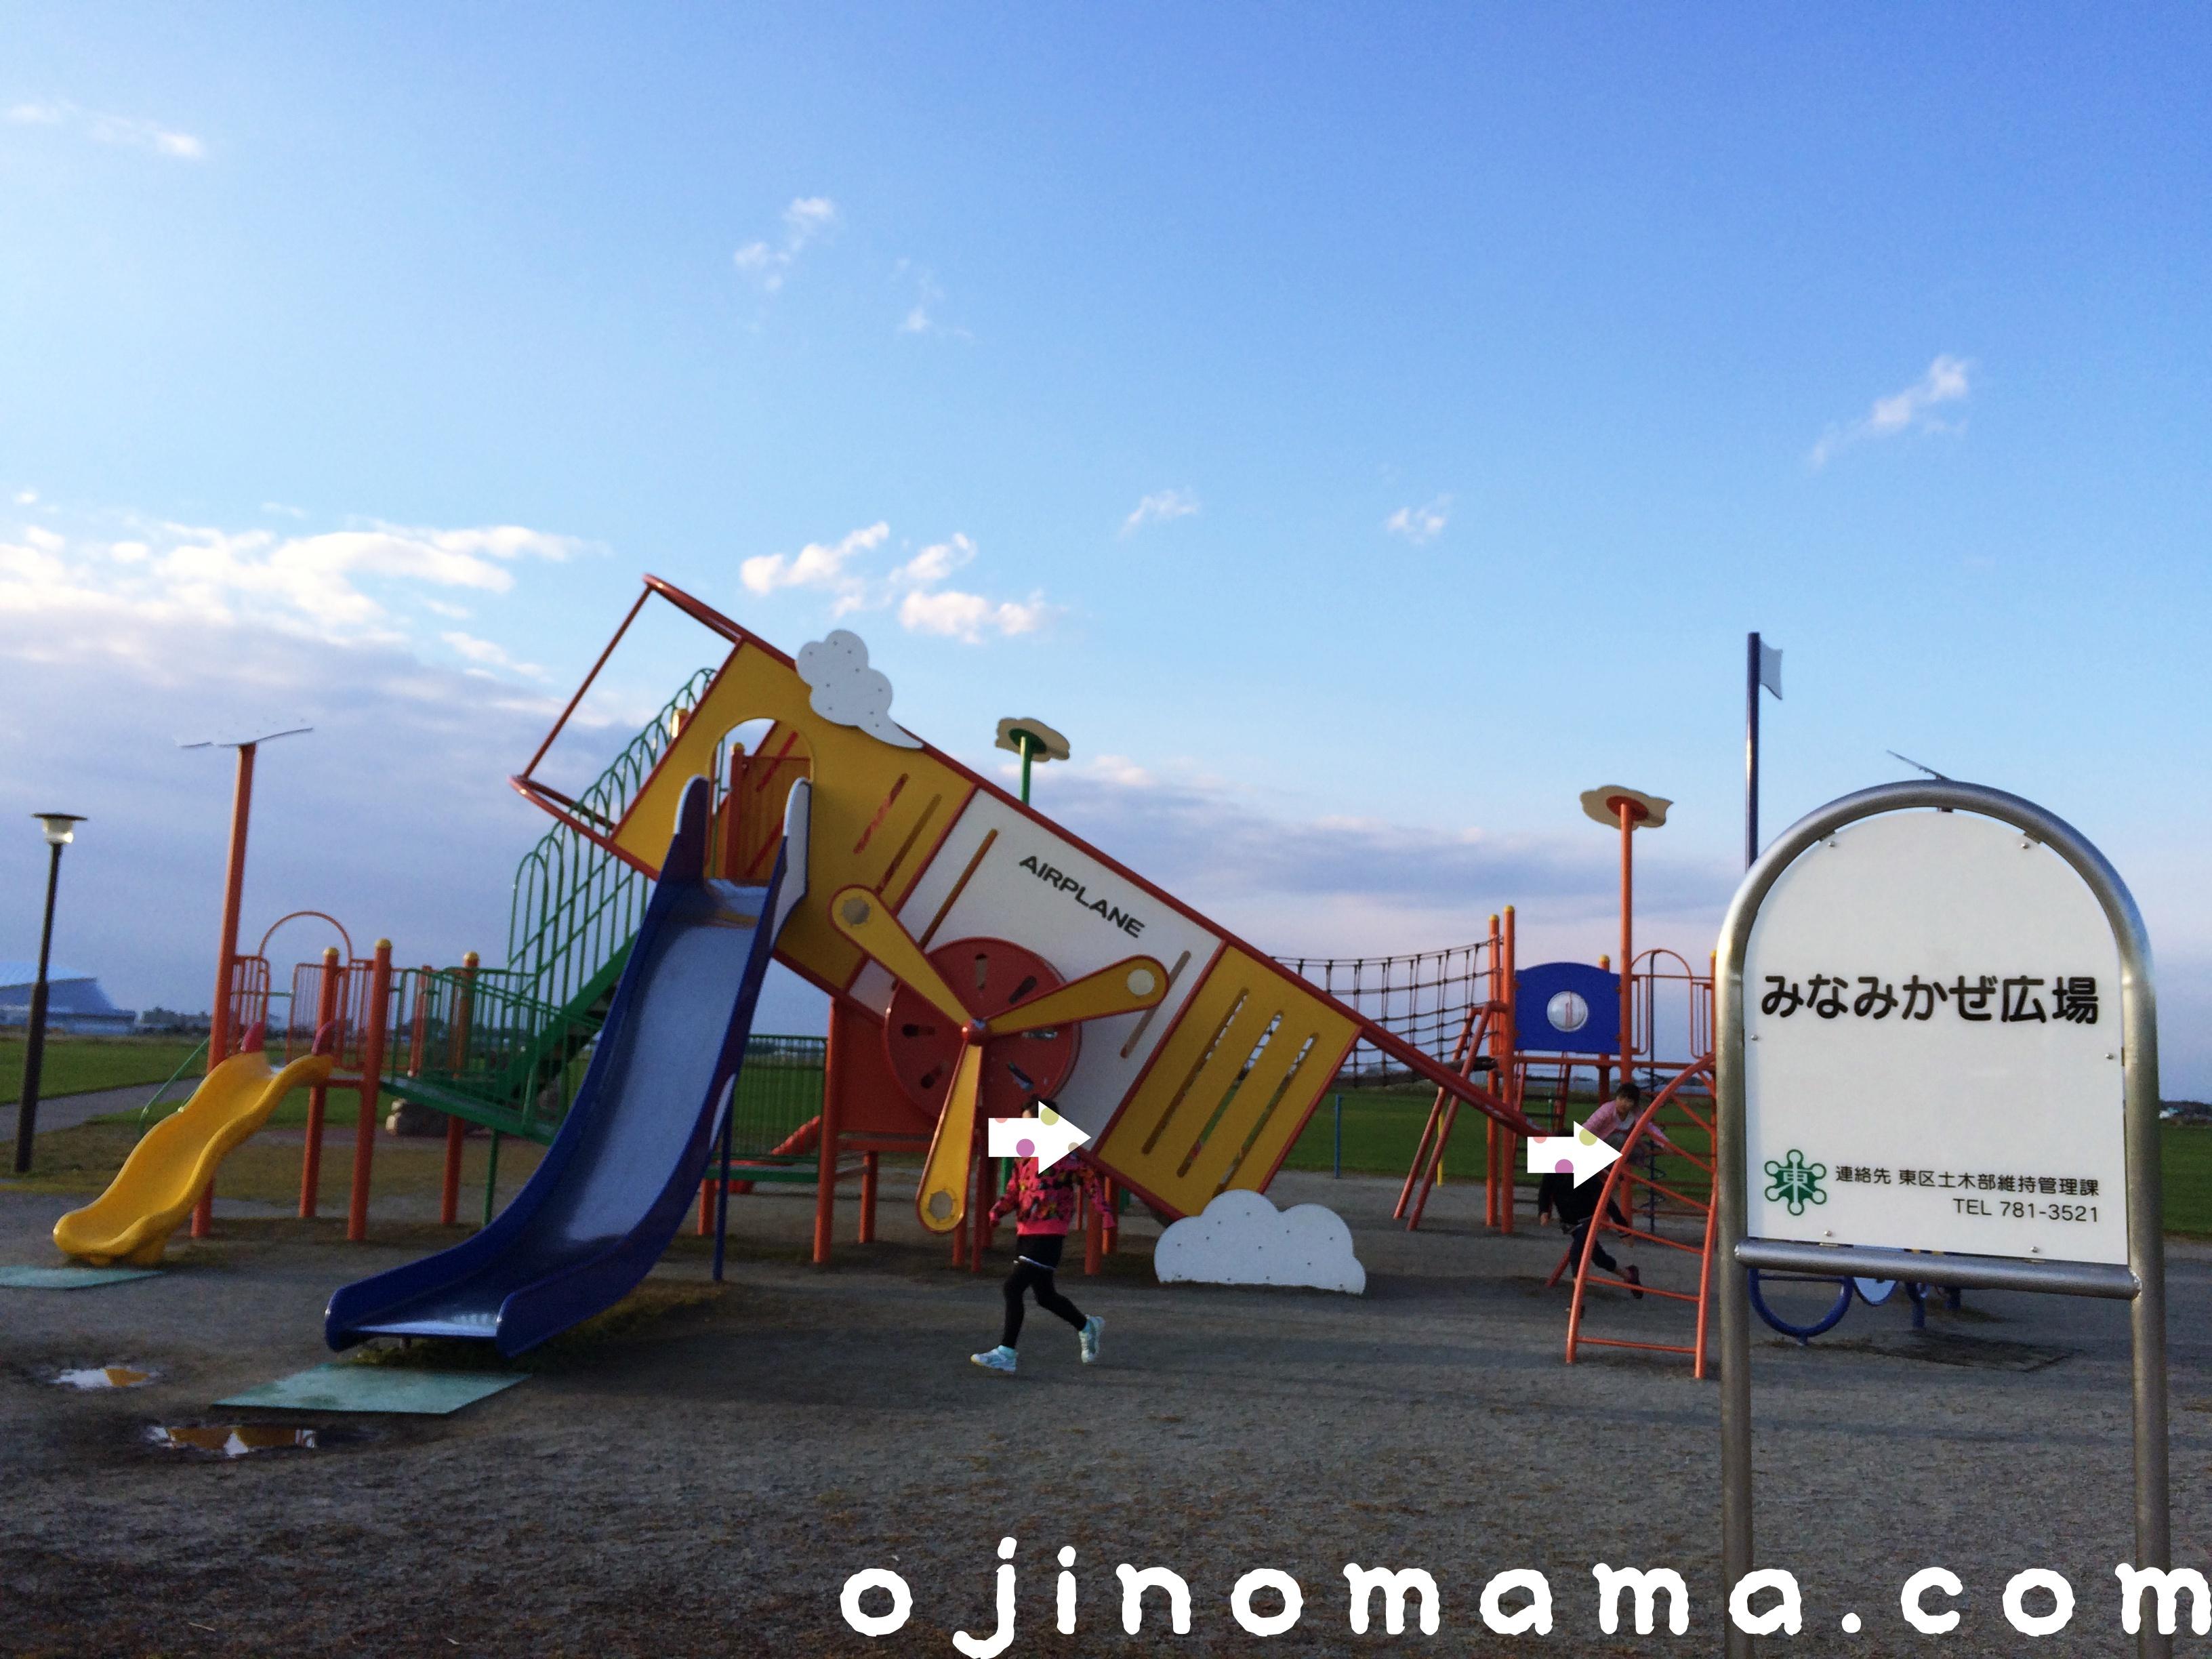 札幌市東区丘珠空港みなみかぜ広場遊具1